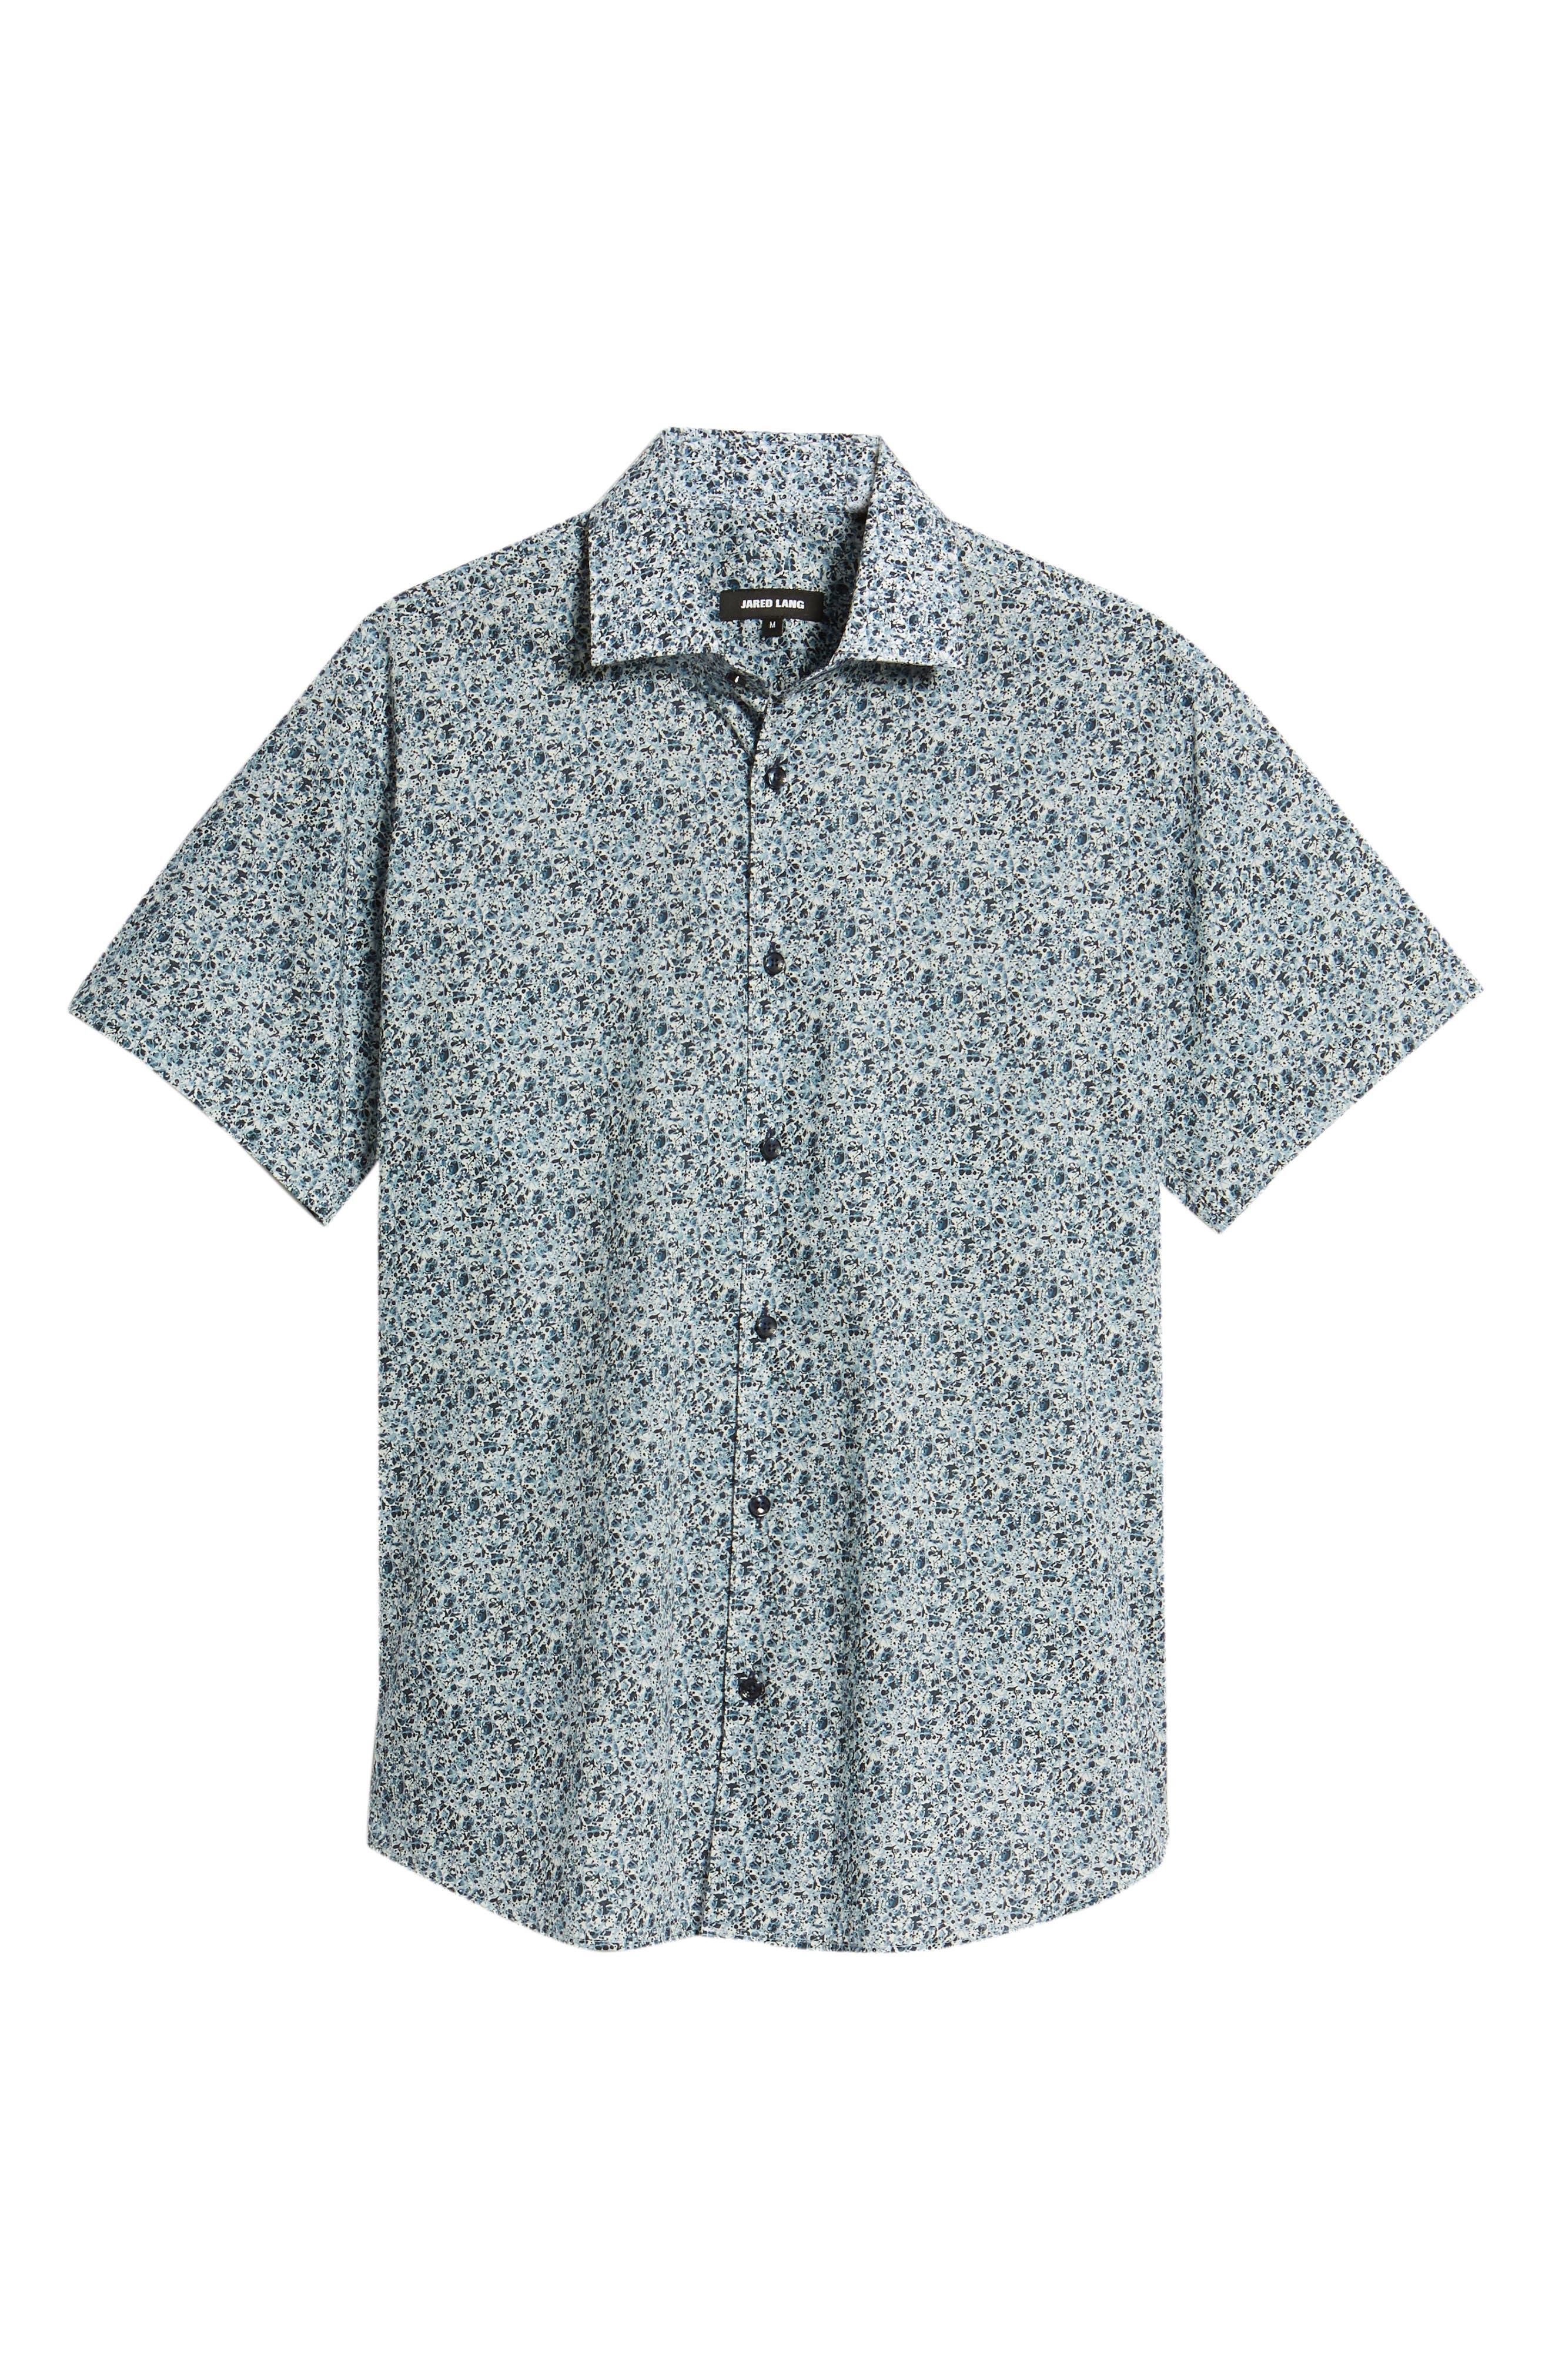 Speckle Print Sport Shirt,                             Alternate thumbnail 6, color,                             BLUE SPECKLE